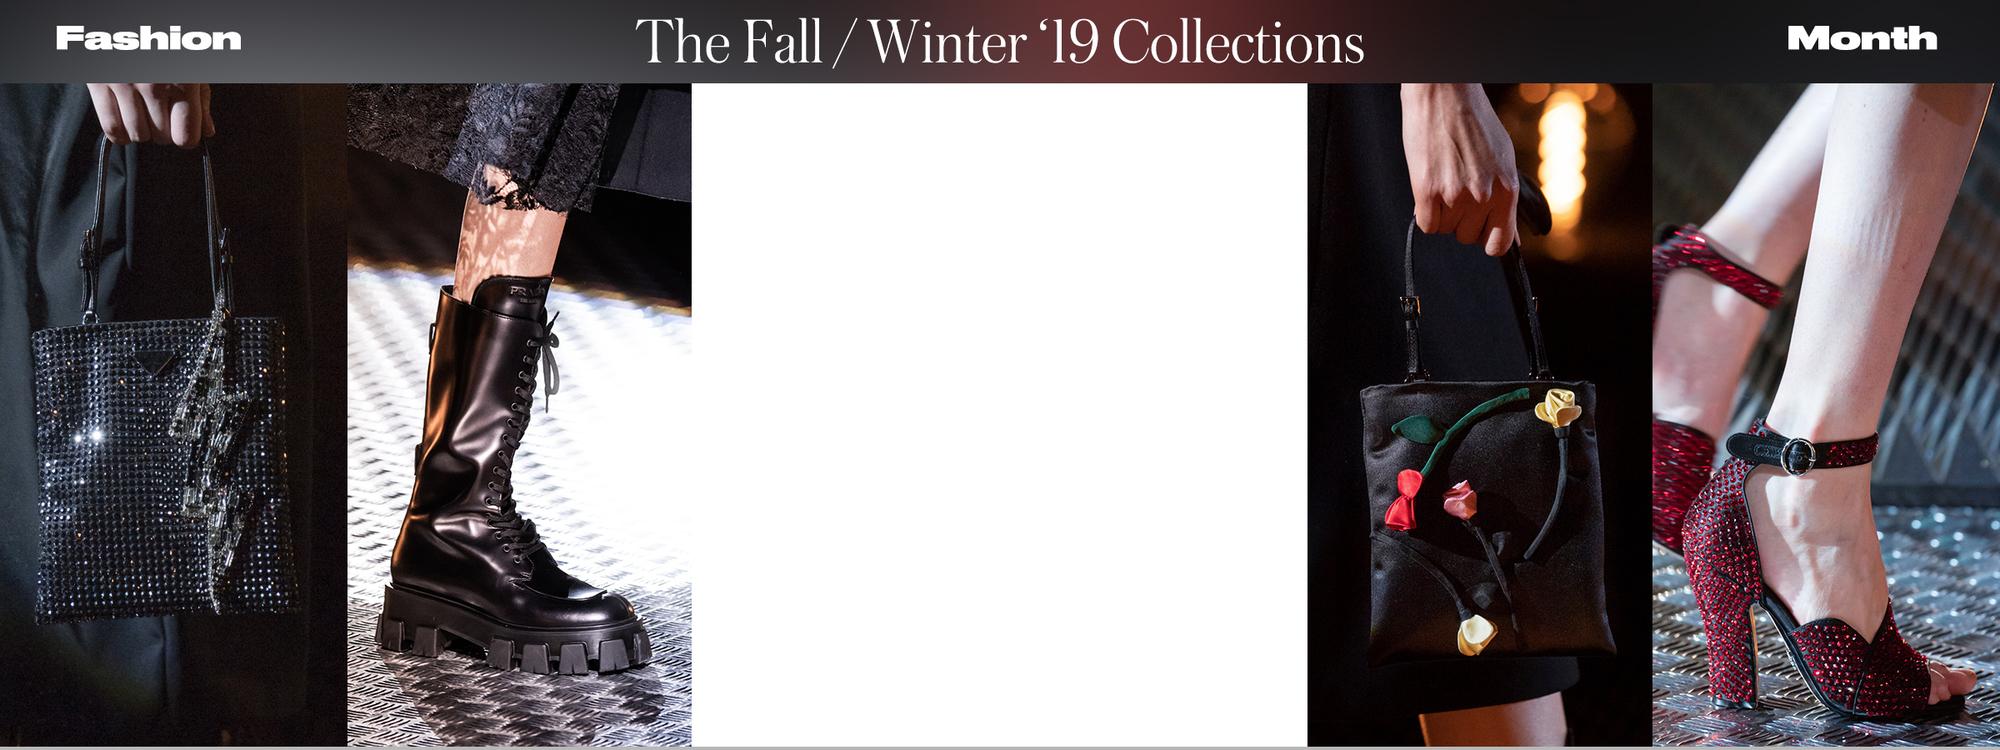 82b58c0675a Prada Accessories Trunkshow | Moda Operandi